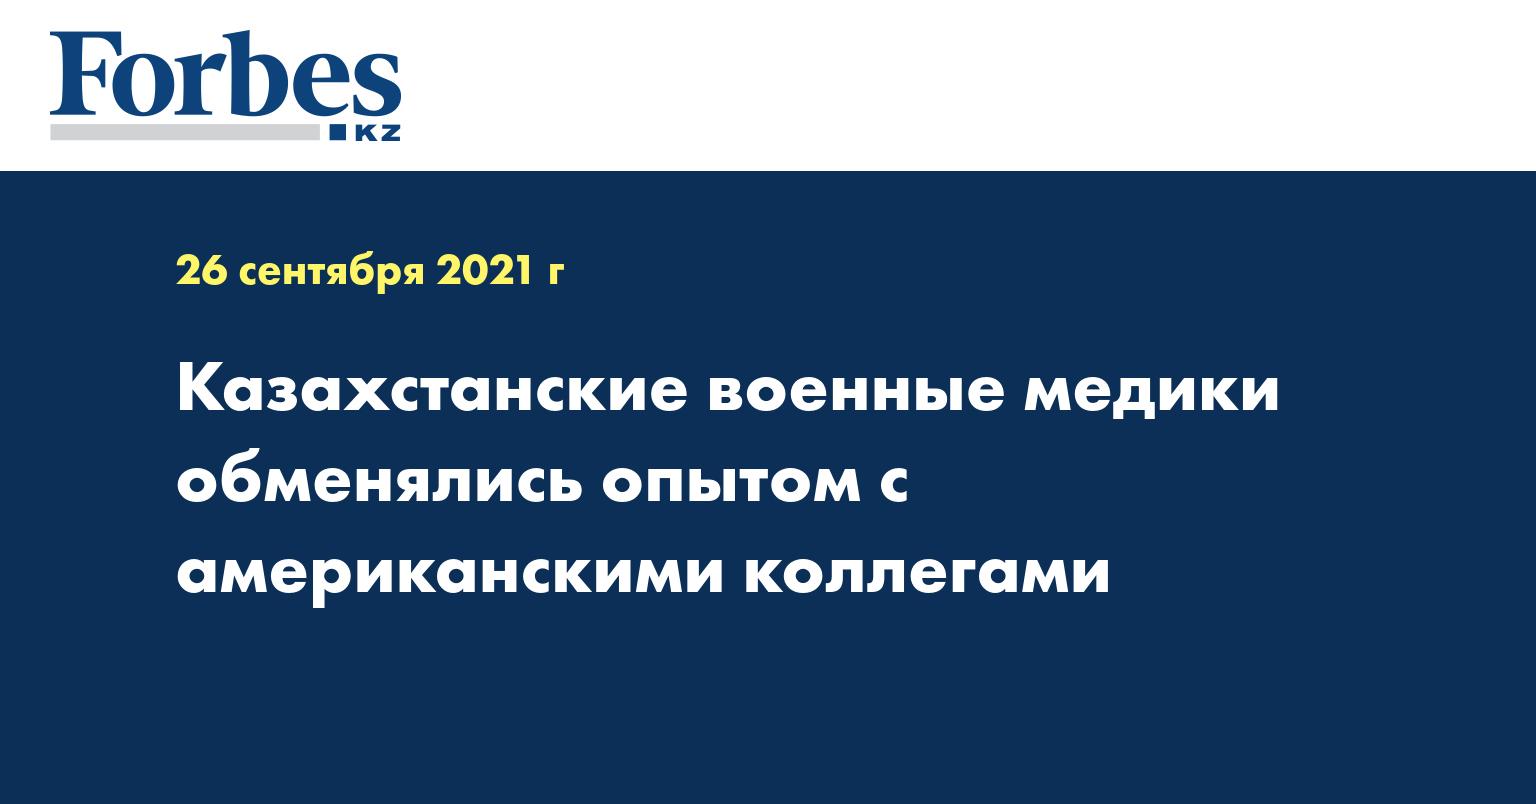 Казахстанские военные медики обменялись опытом с американскими коллегами